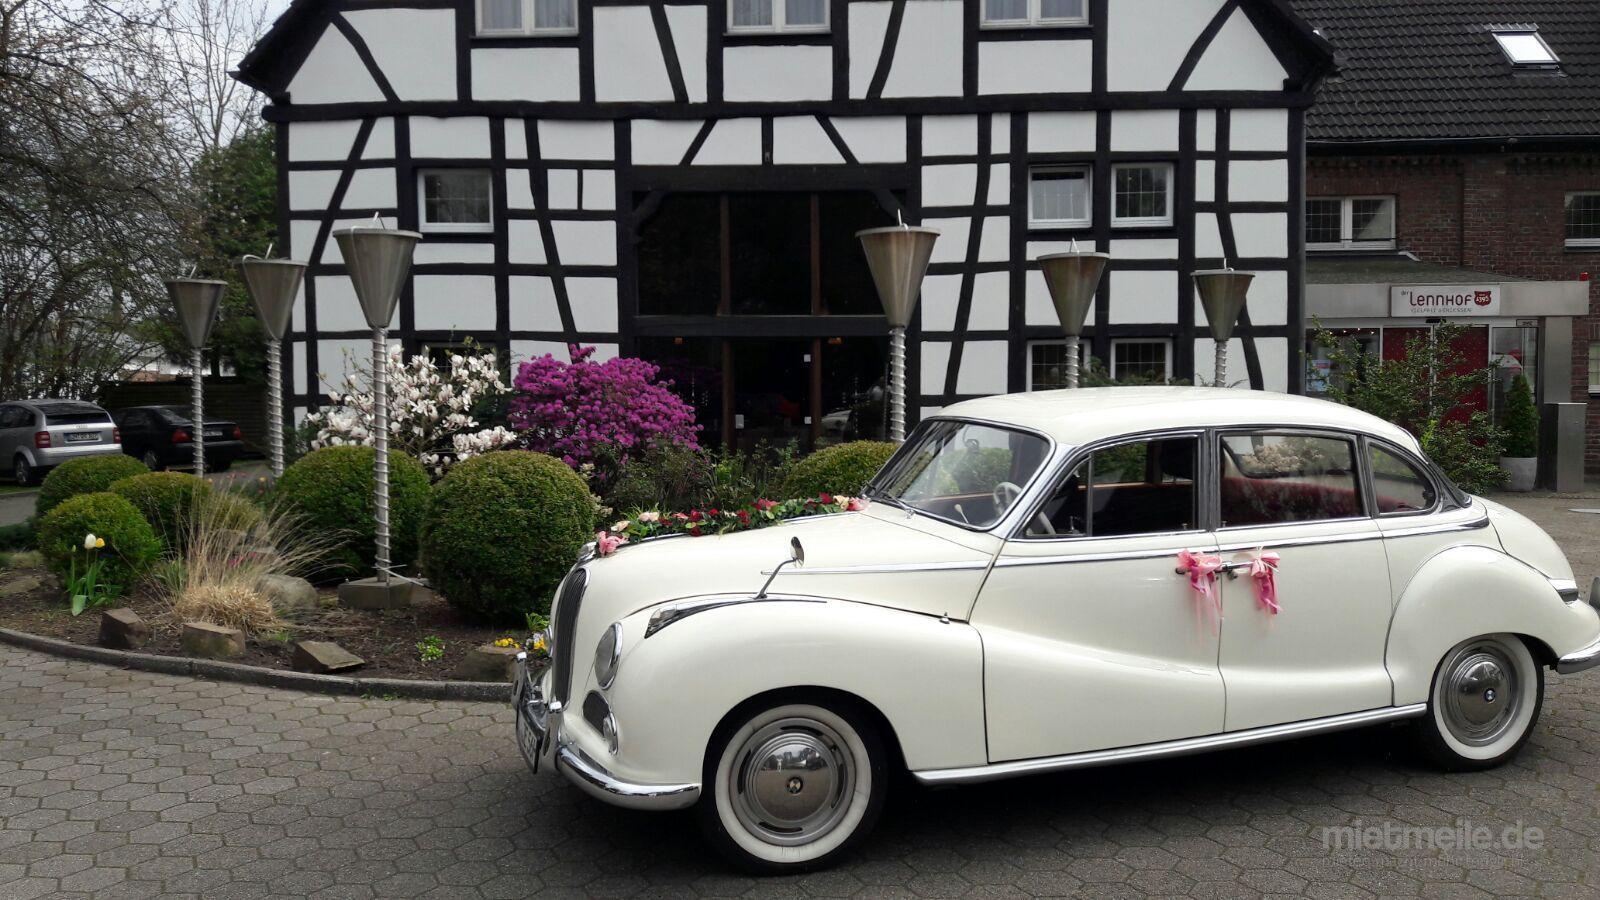 """Oldtimer mieten & vermieten - Oldtimer BMW """"Barockengel"""" - Hochzeitsauto - Hochzeitsfahrten in Wermelskirchen"""